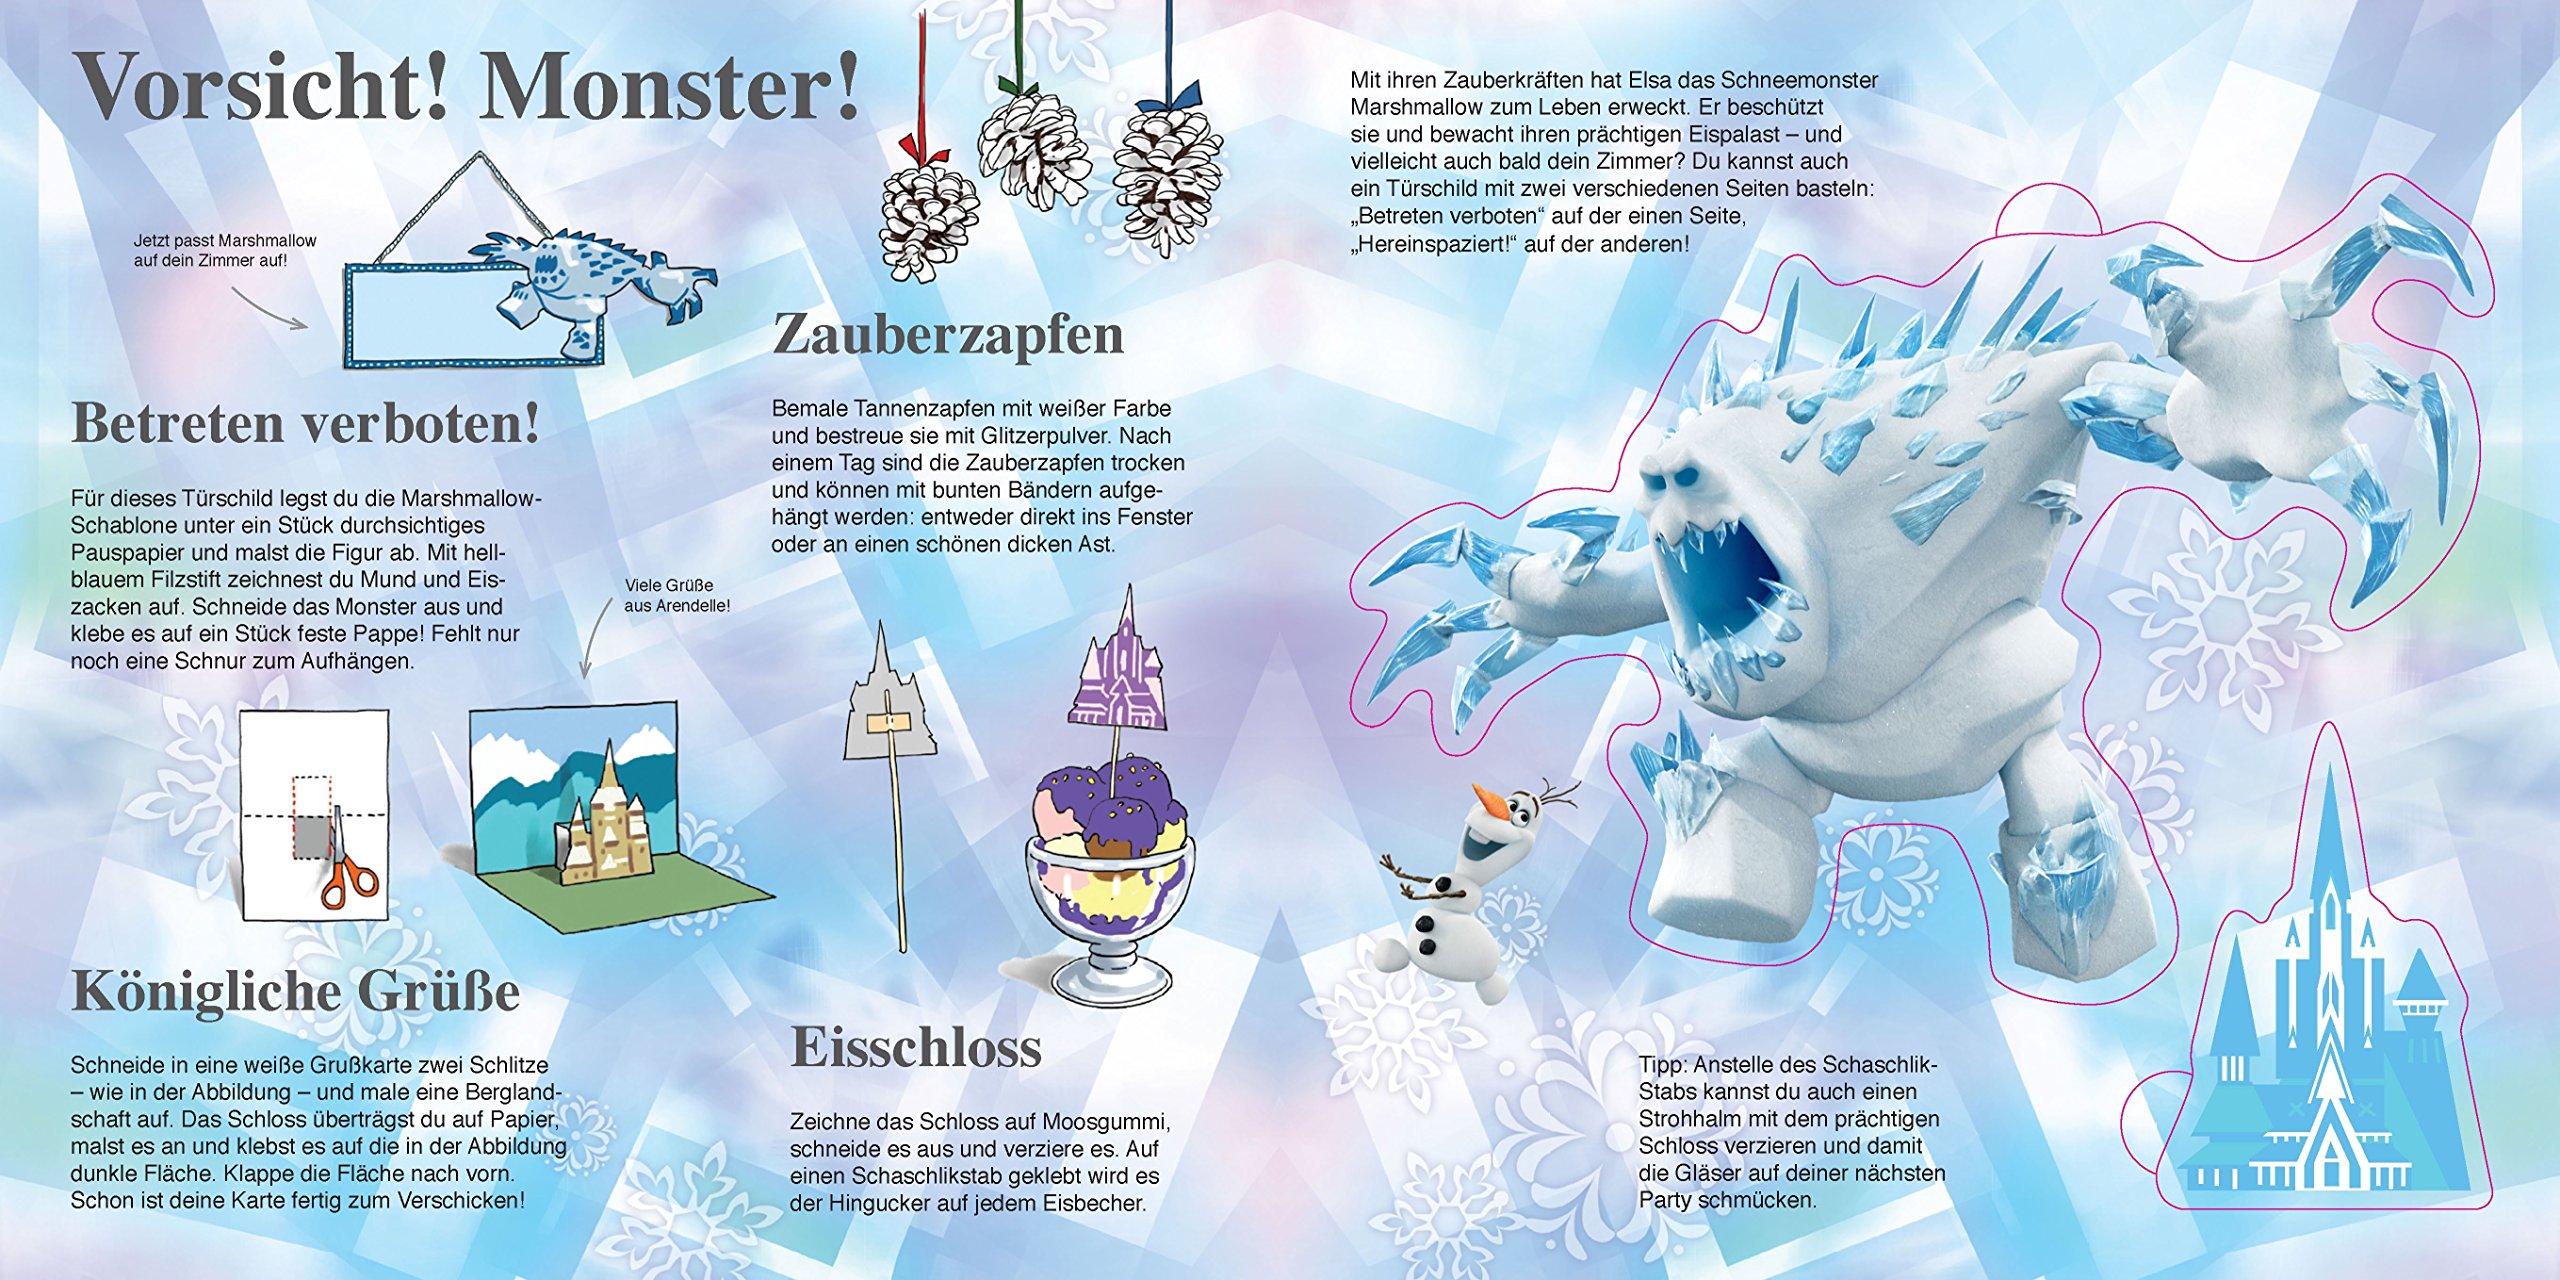 Die Eiskonigin Basteln Mit Schablonen 9783849909116 Amazon Com